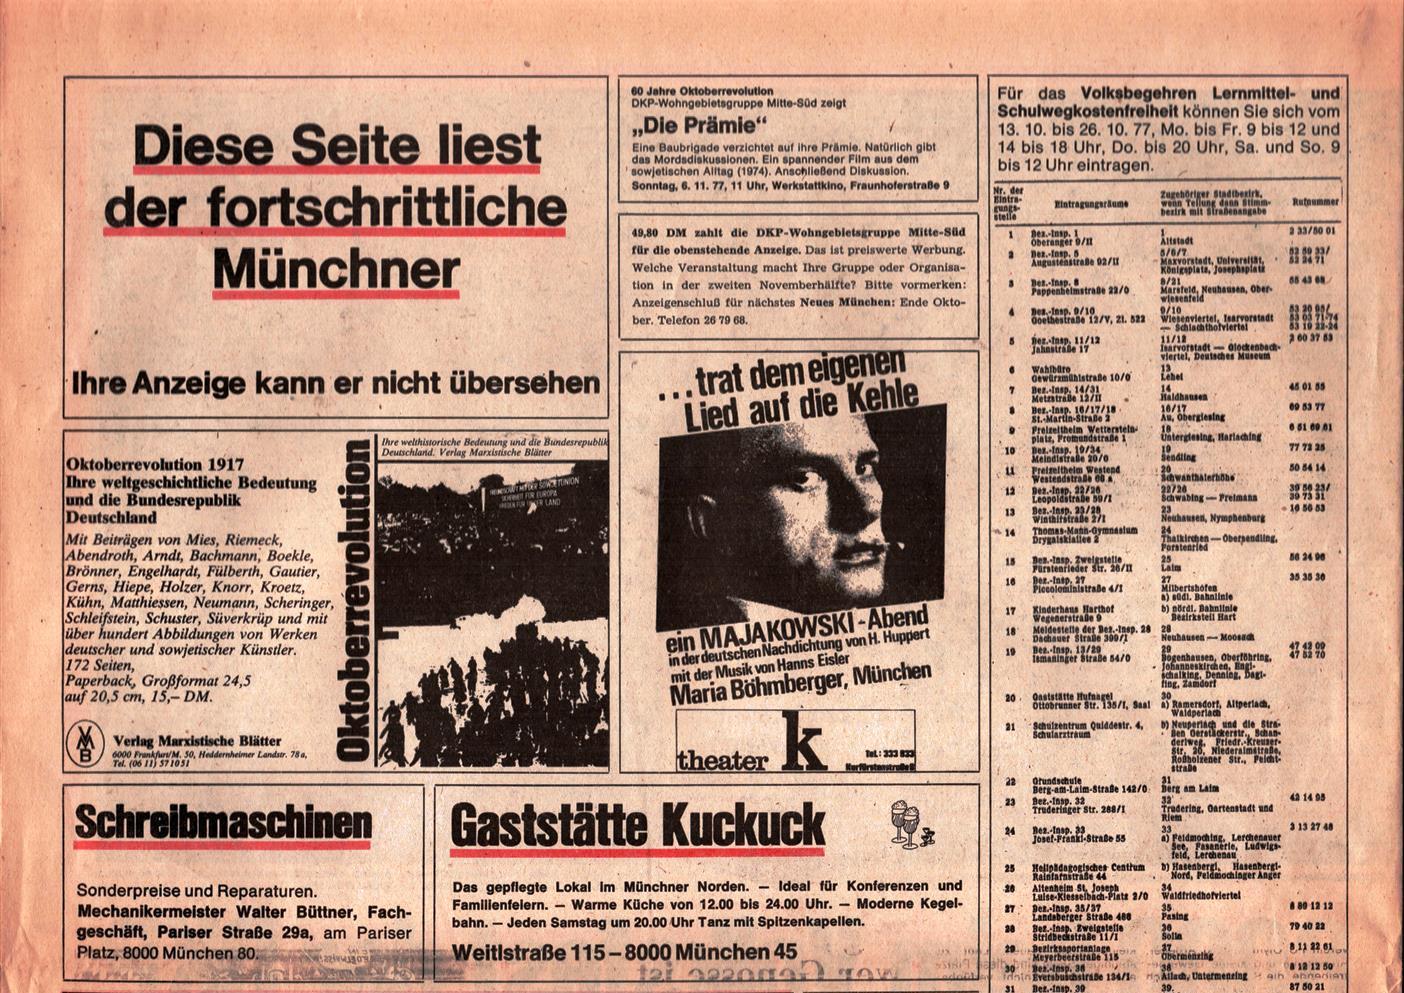 Muenchen_DKP_Neues_Muenchen_19771000_010_011